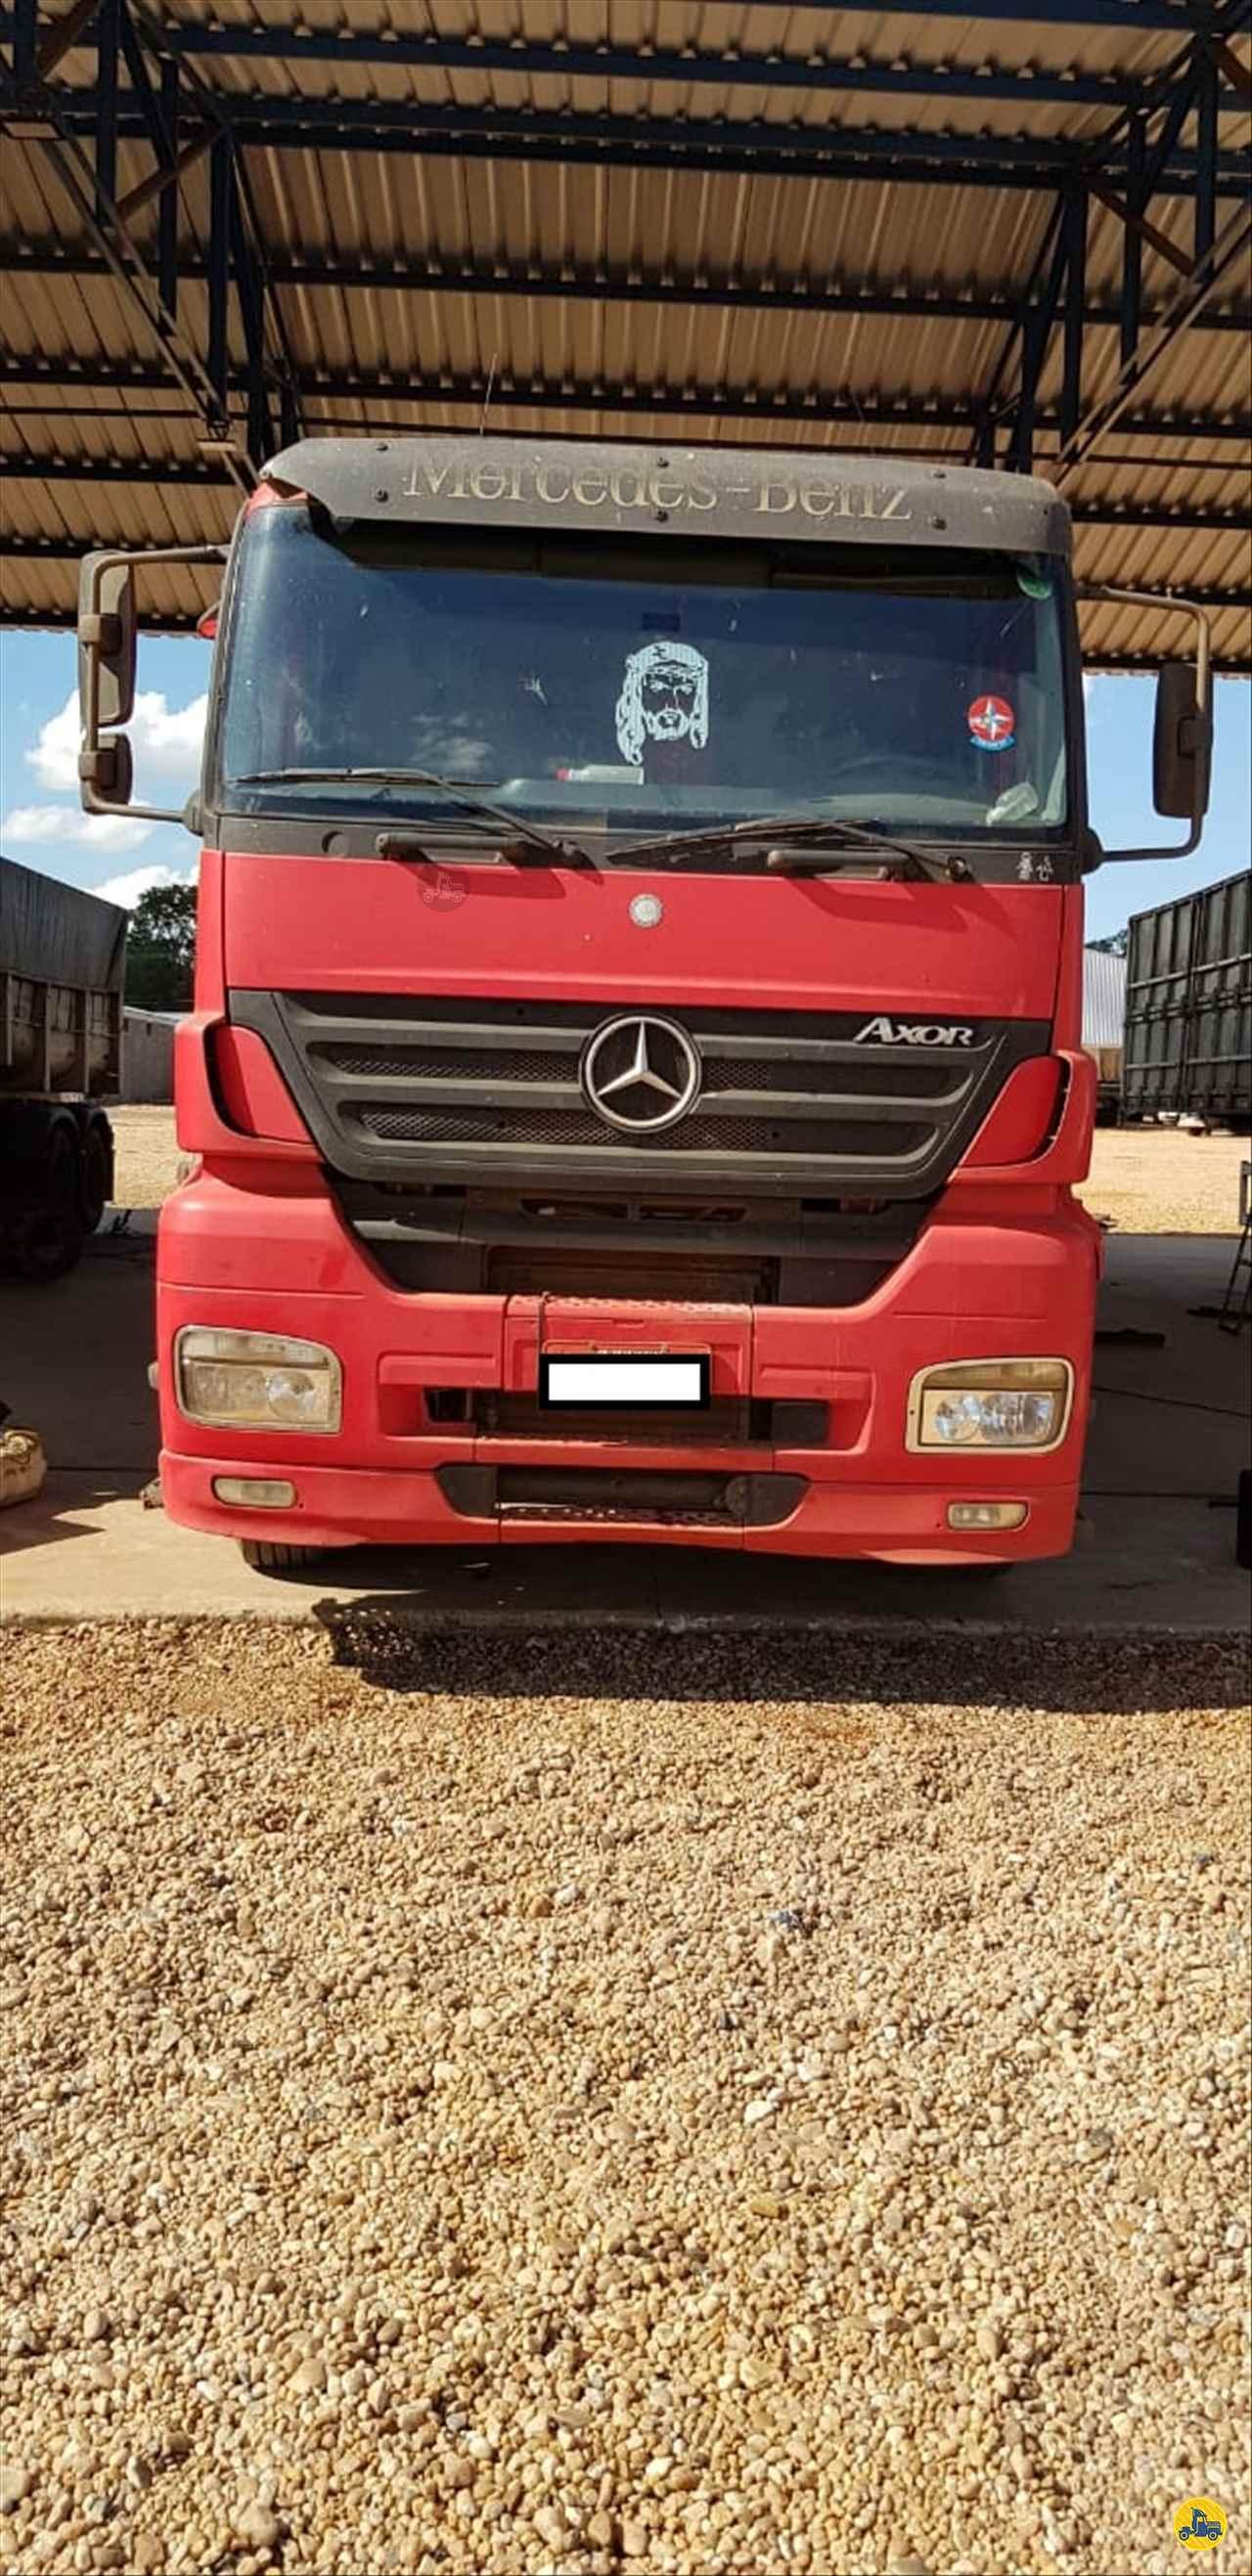 CAMINHAO MERCEDES-BENZ MB 2544 Cavalo Mecânico Truck 6x2 Dante Implementos Rodoviários e Transportes ARARAQUARA SÃO PAULO SP